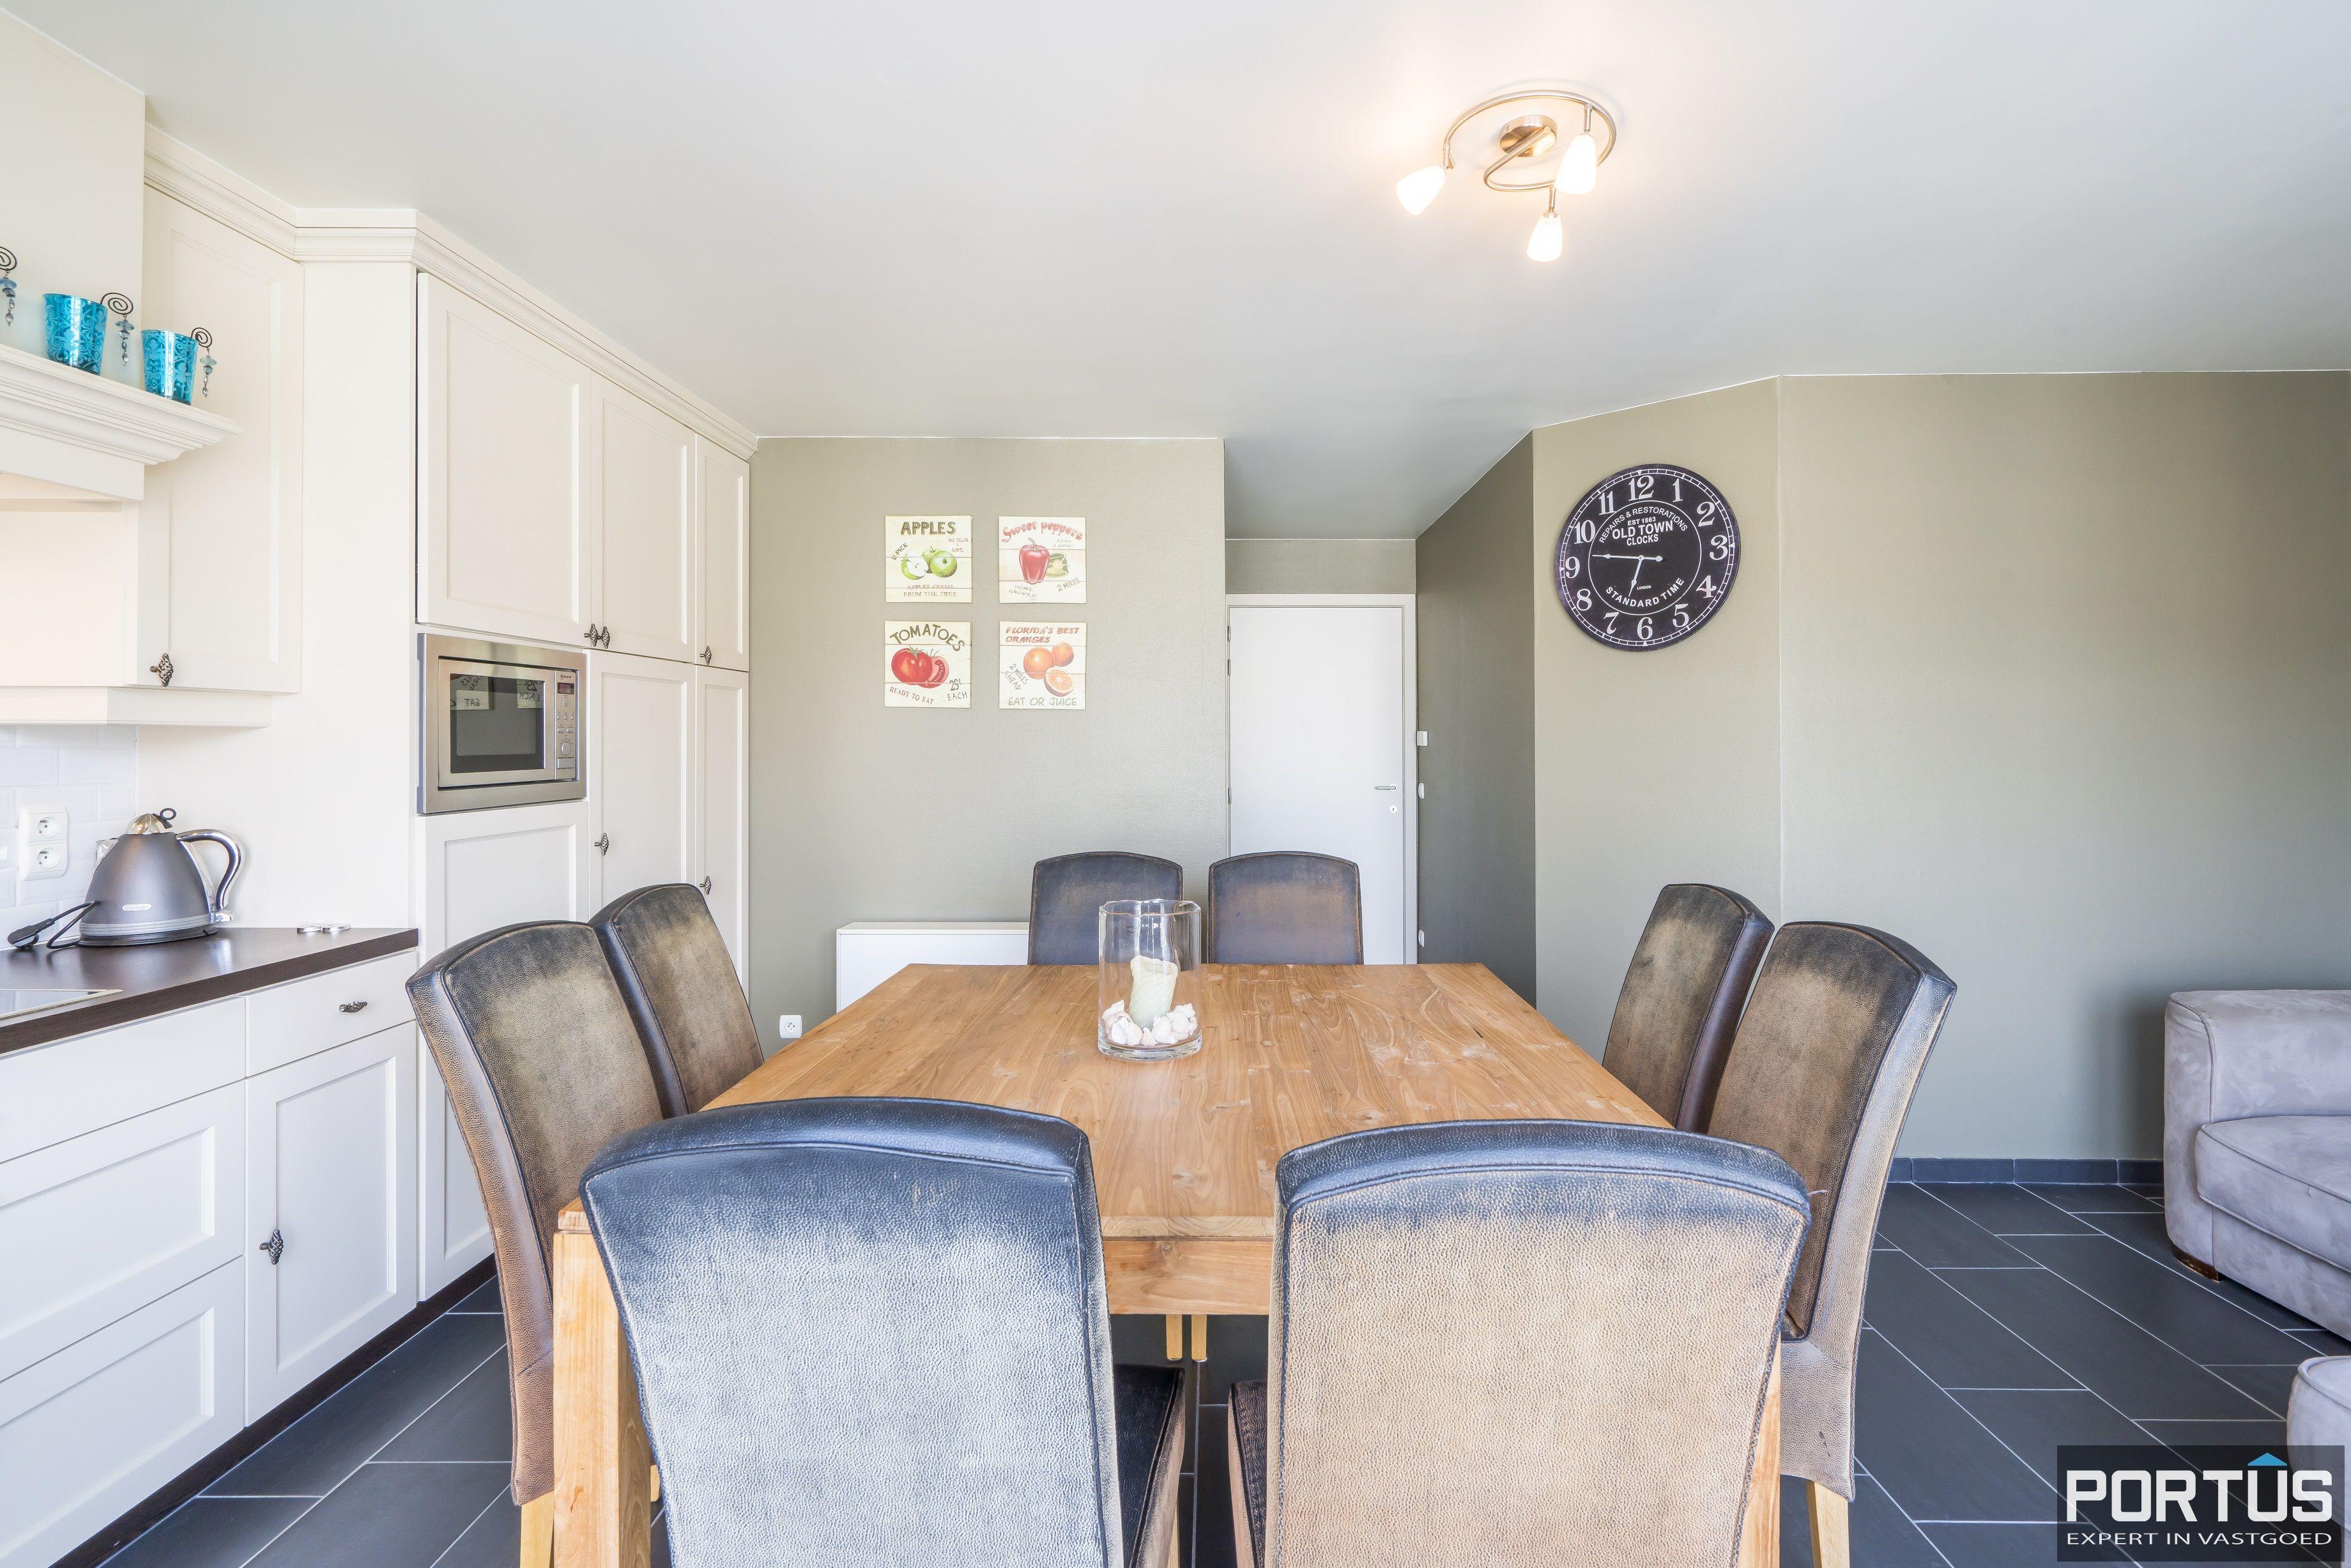 Appartement op wandelafstand van het strand te koop te Nieuwpoort-Bad - 13536